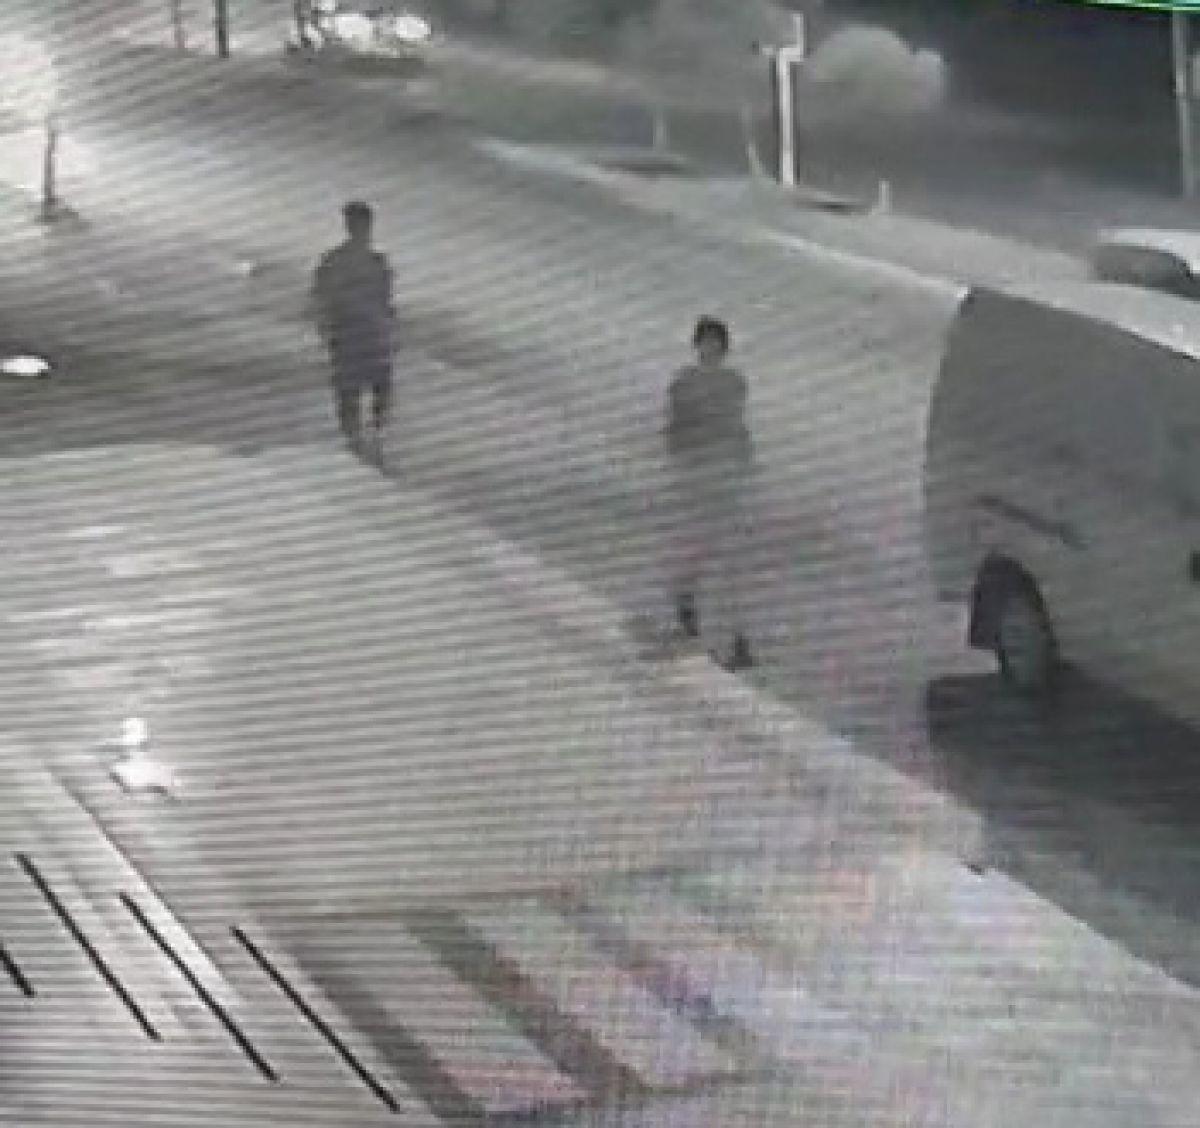 Adana da genç kızı takip edip taciz eden şahıs yakalandı #2